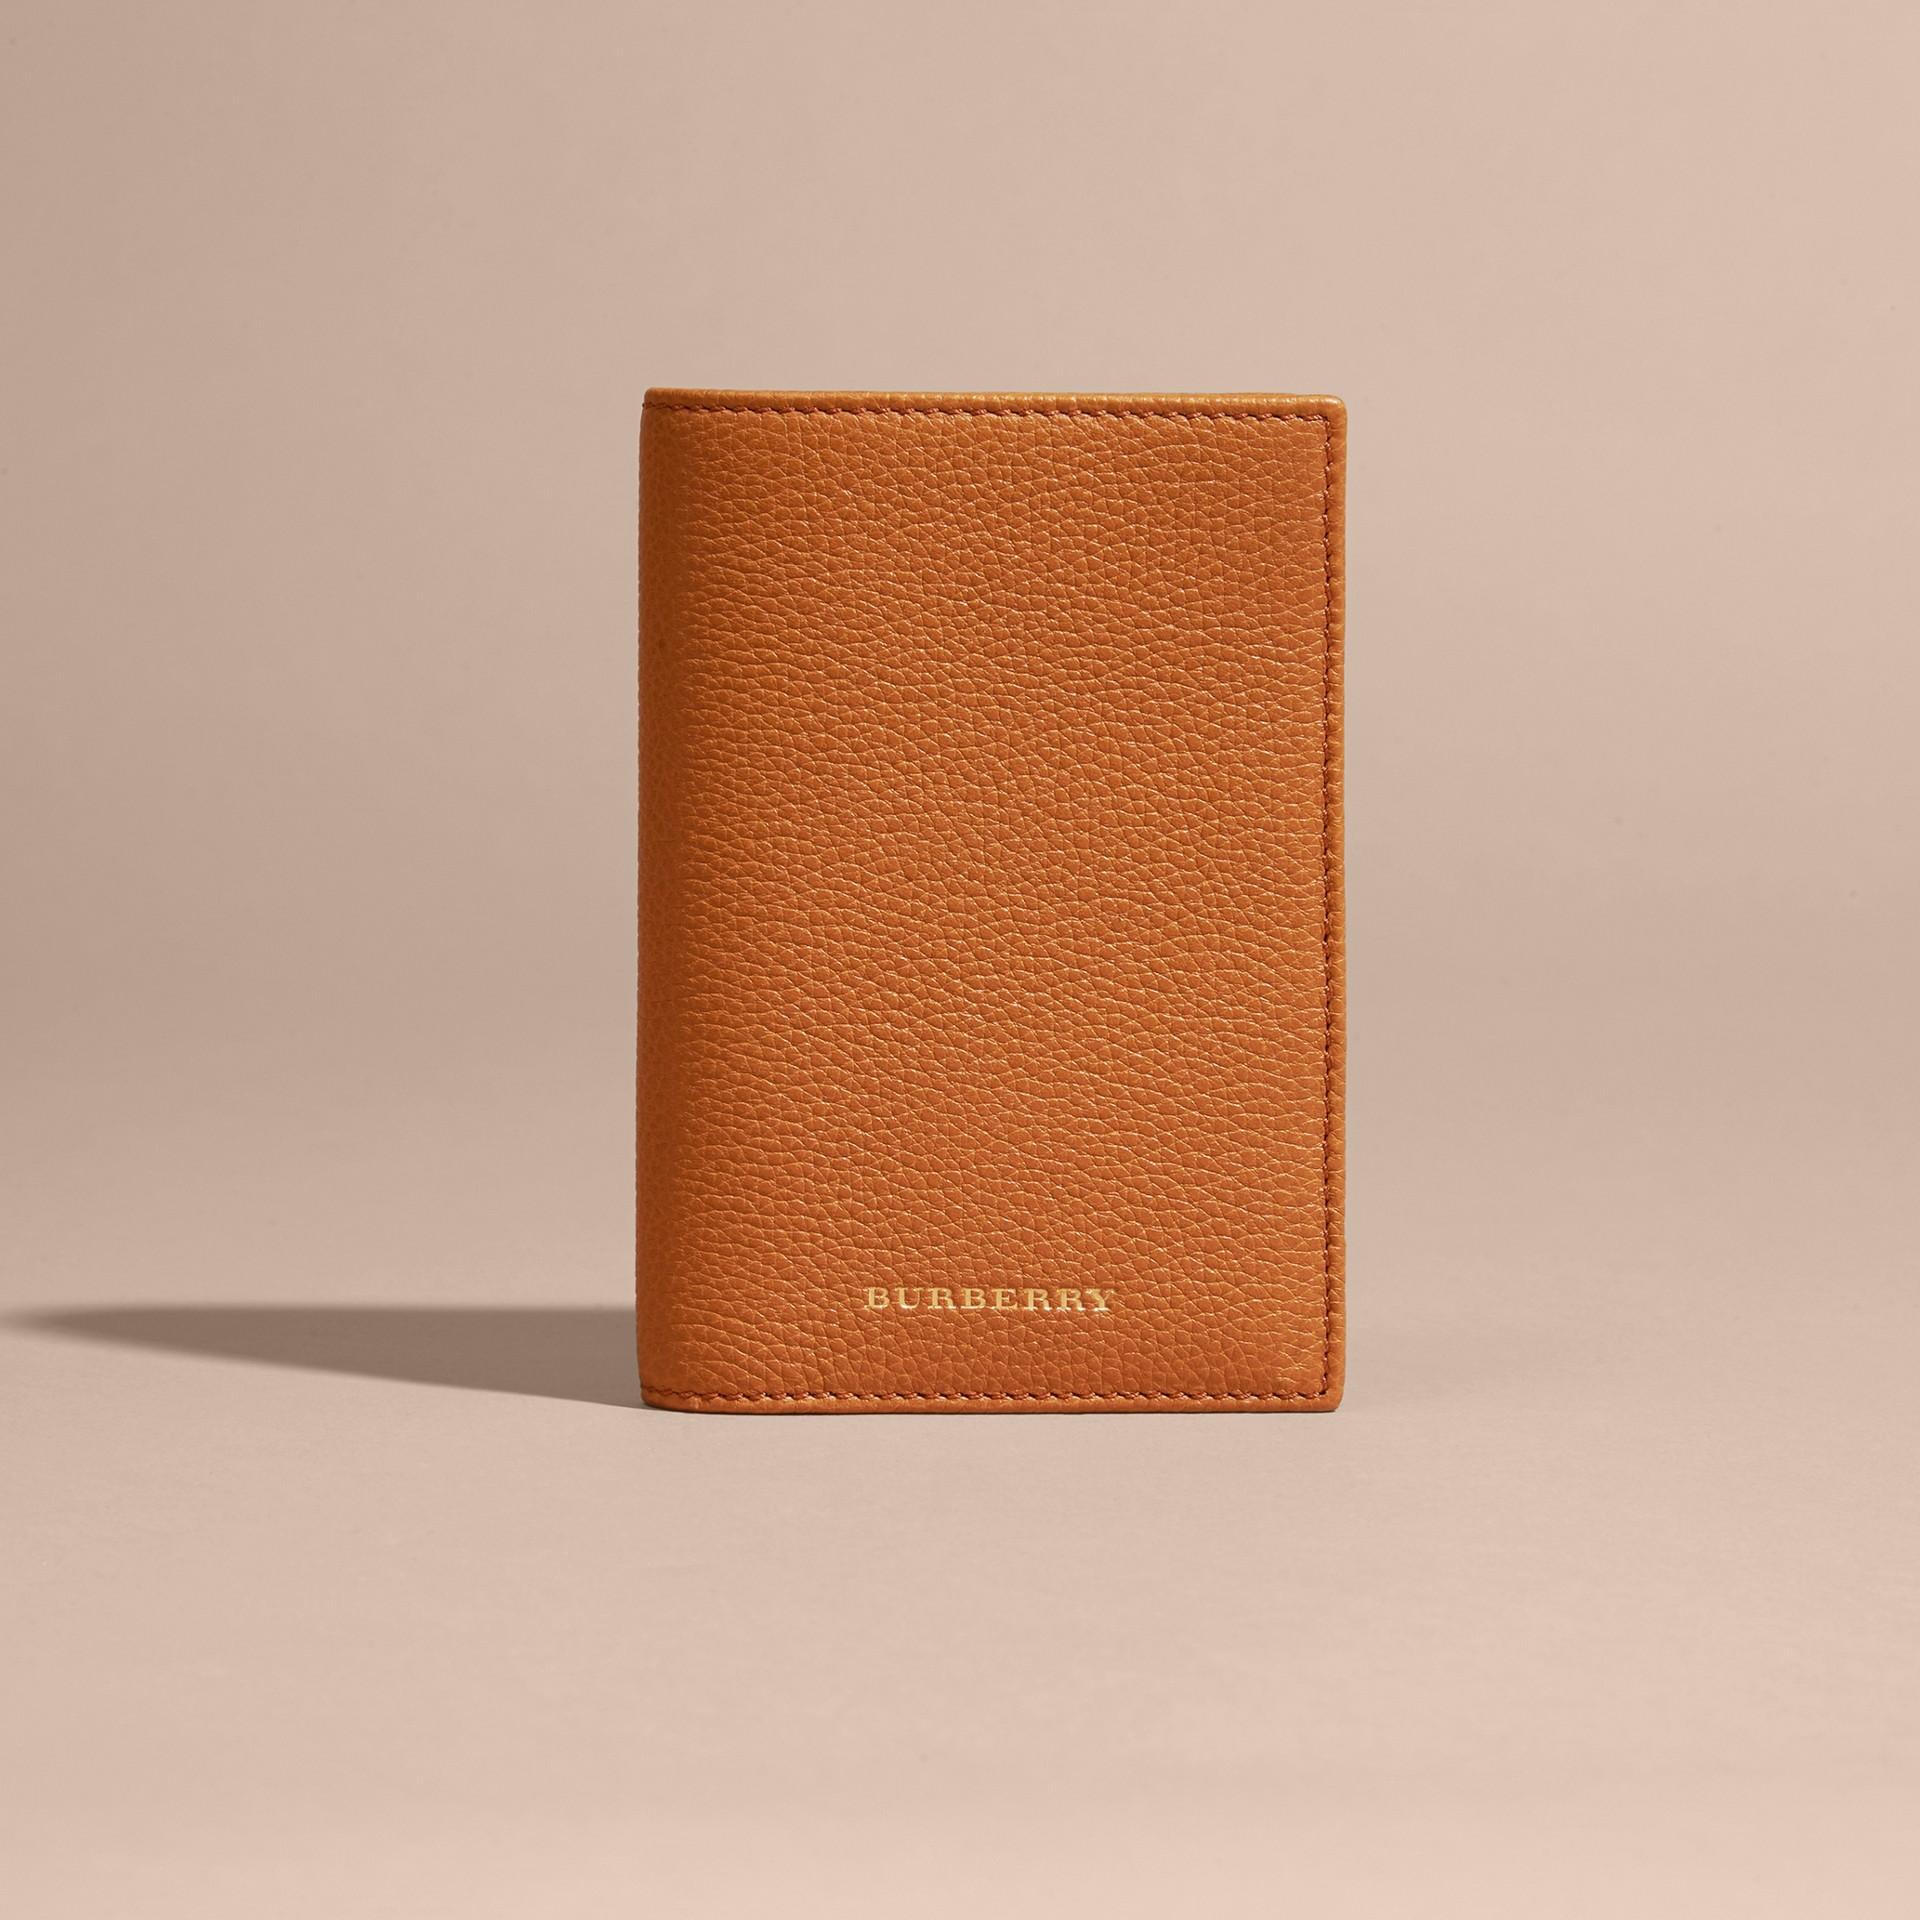 Caramelo claro Capa de couro granulado para passaporte com compartimentos porta-cartões Caramelo Claro - galeria de imagens 6